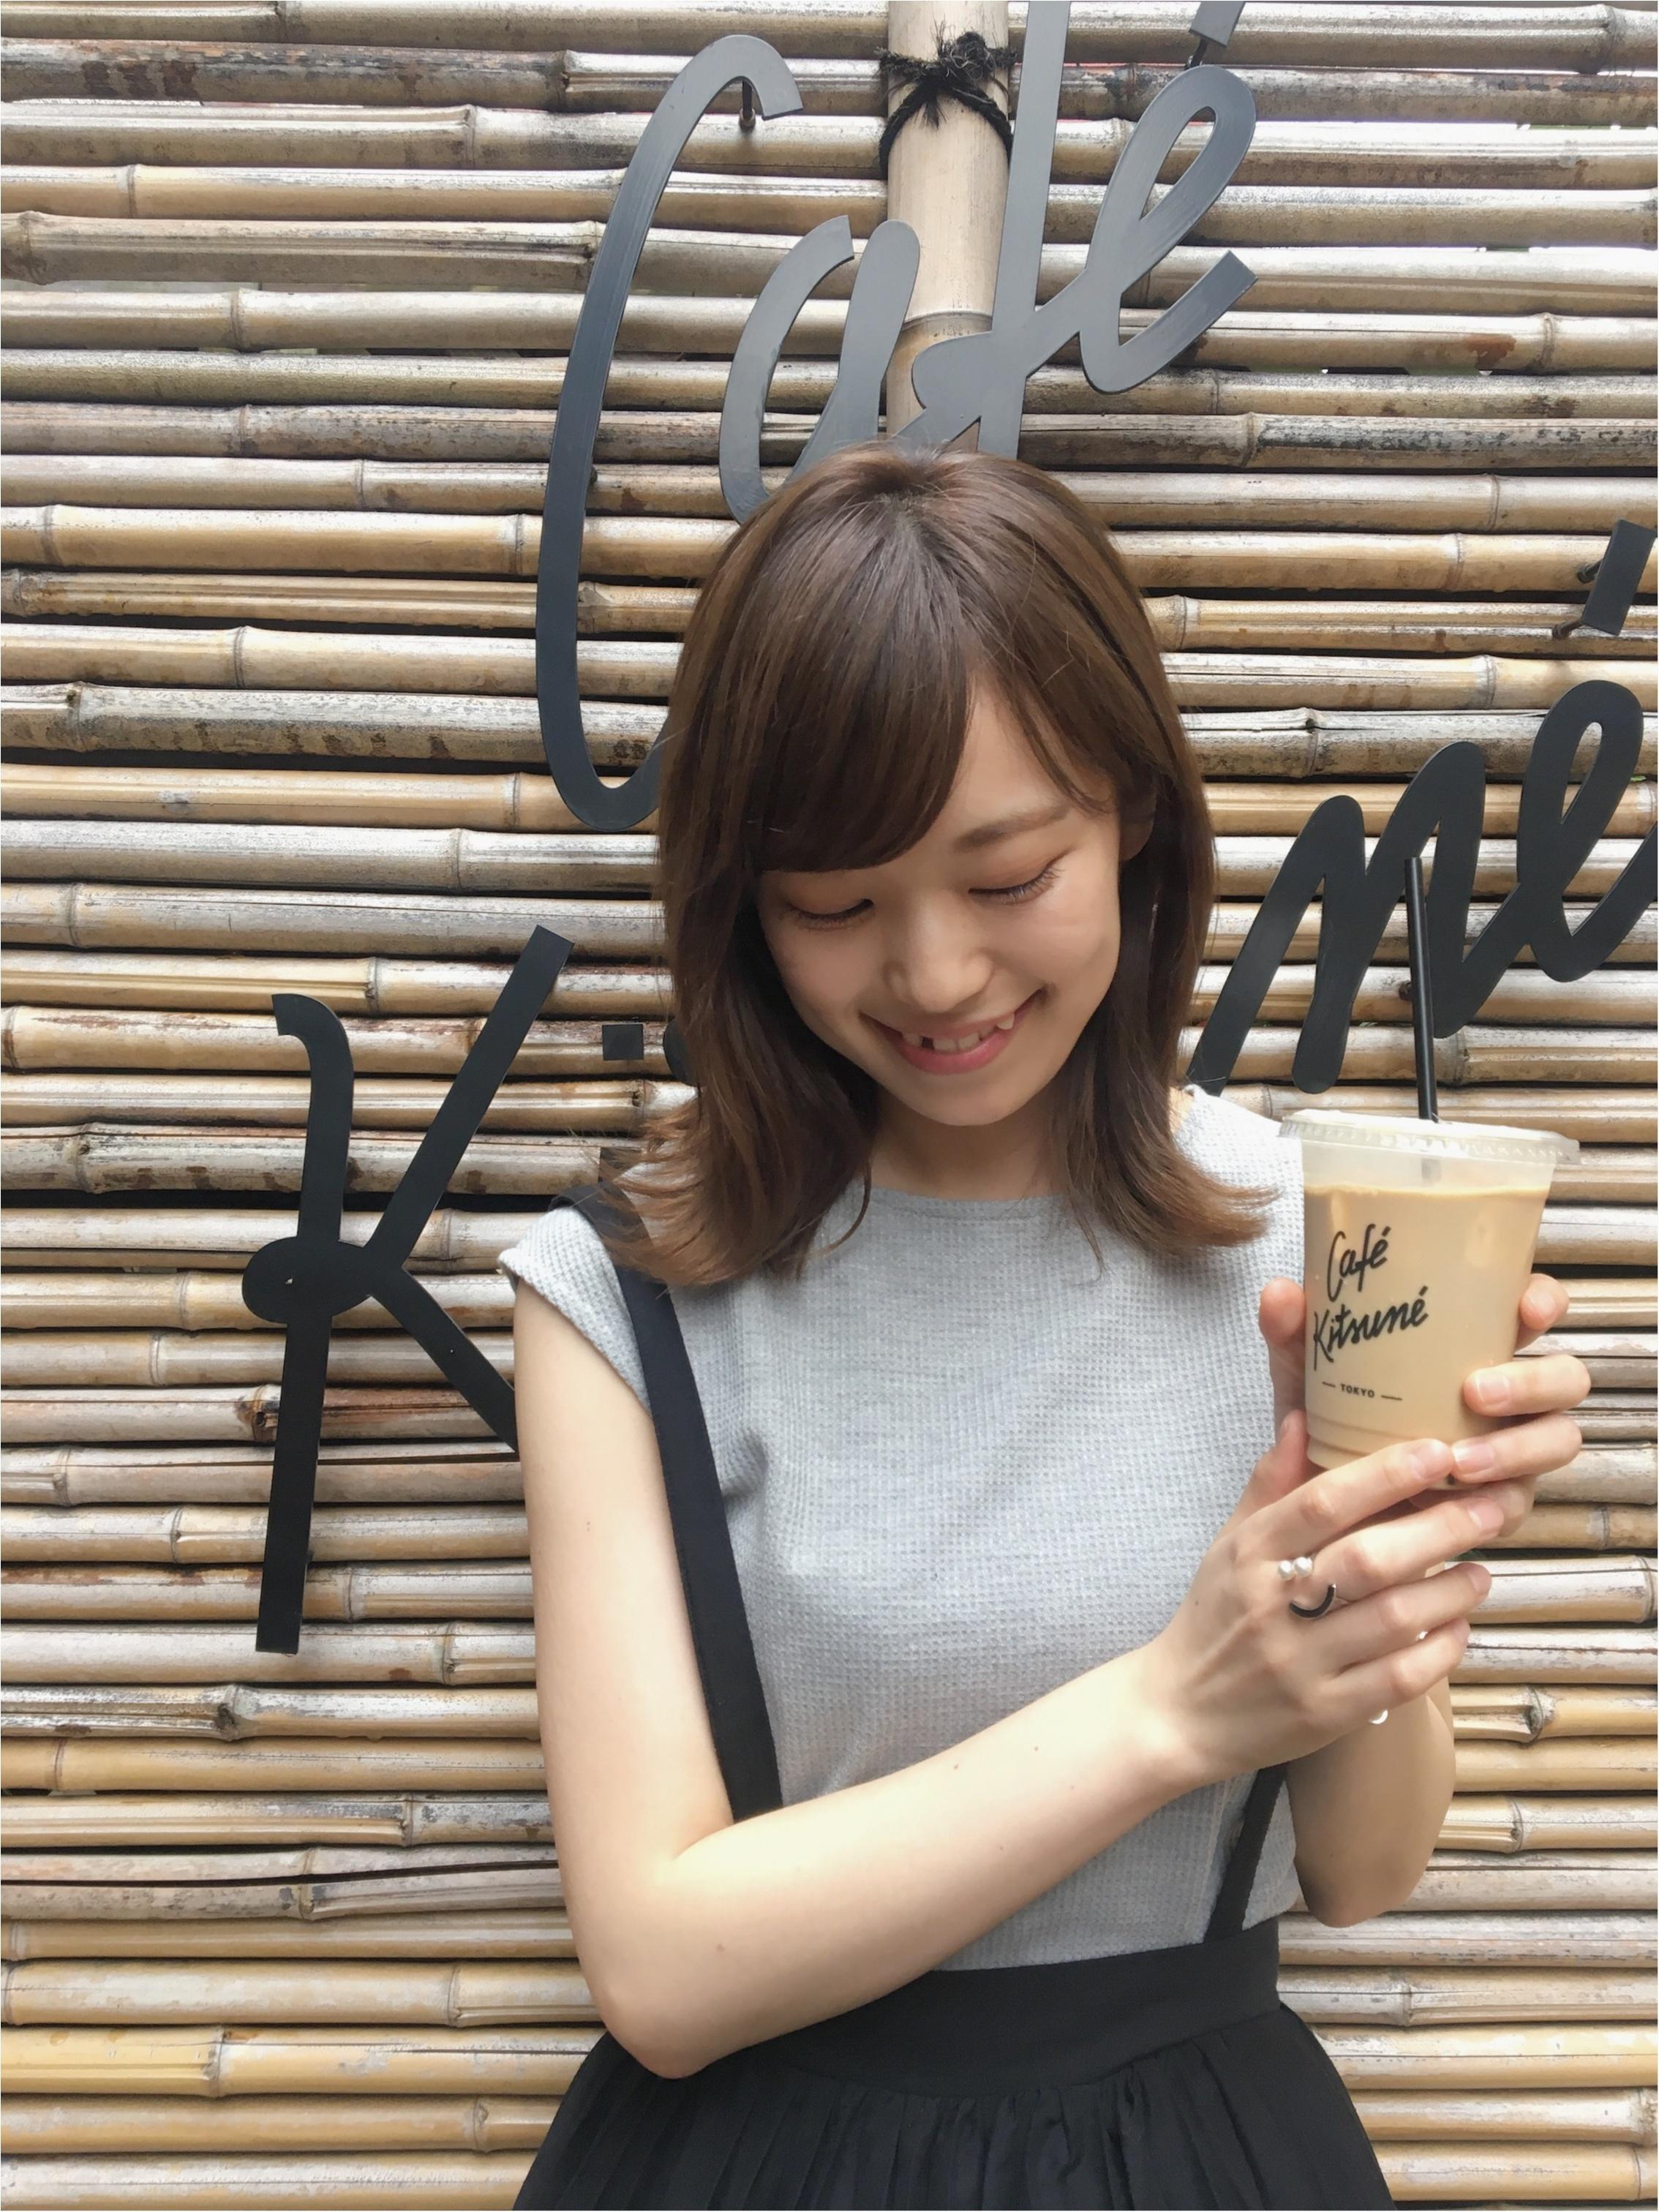 ★表参道にいったらココに行くべし!『cafe kitsune』の京都のような和空間で癒しタイム!_2